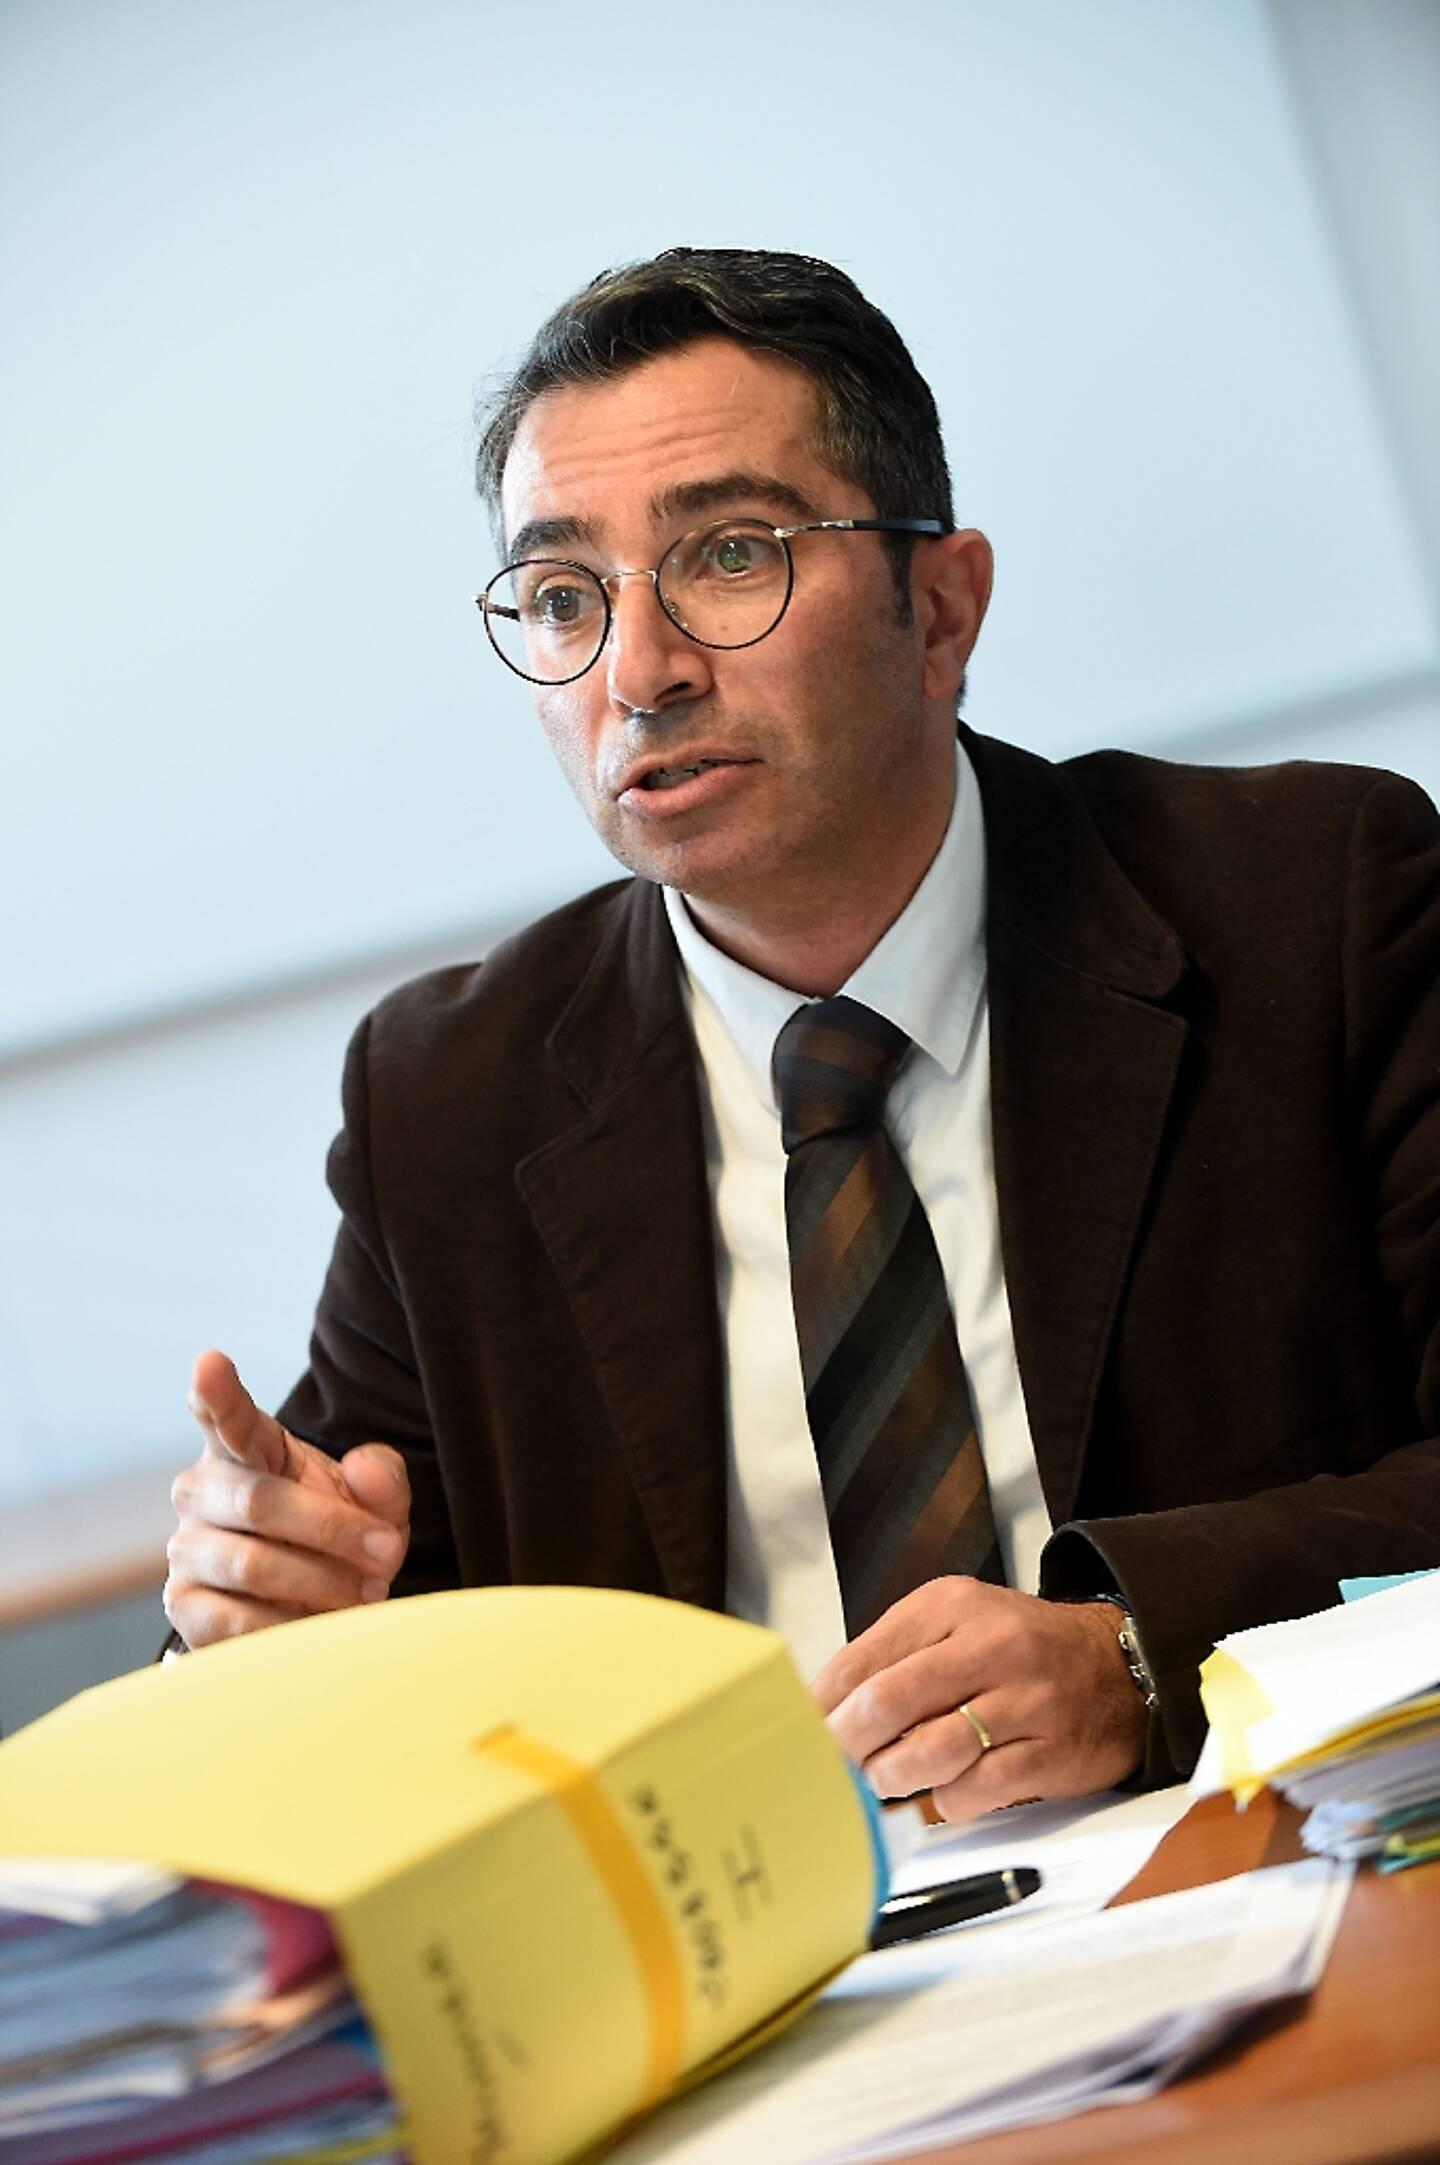 L'avocat français Hervé Gerbi à Grenoble, le 7 novembre 2016